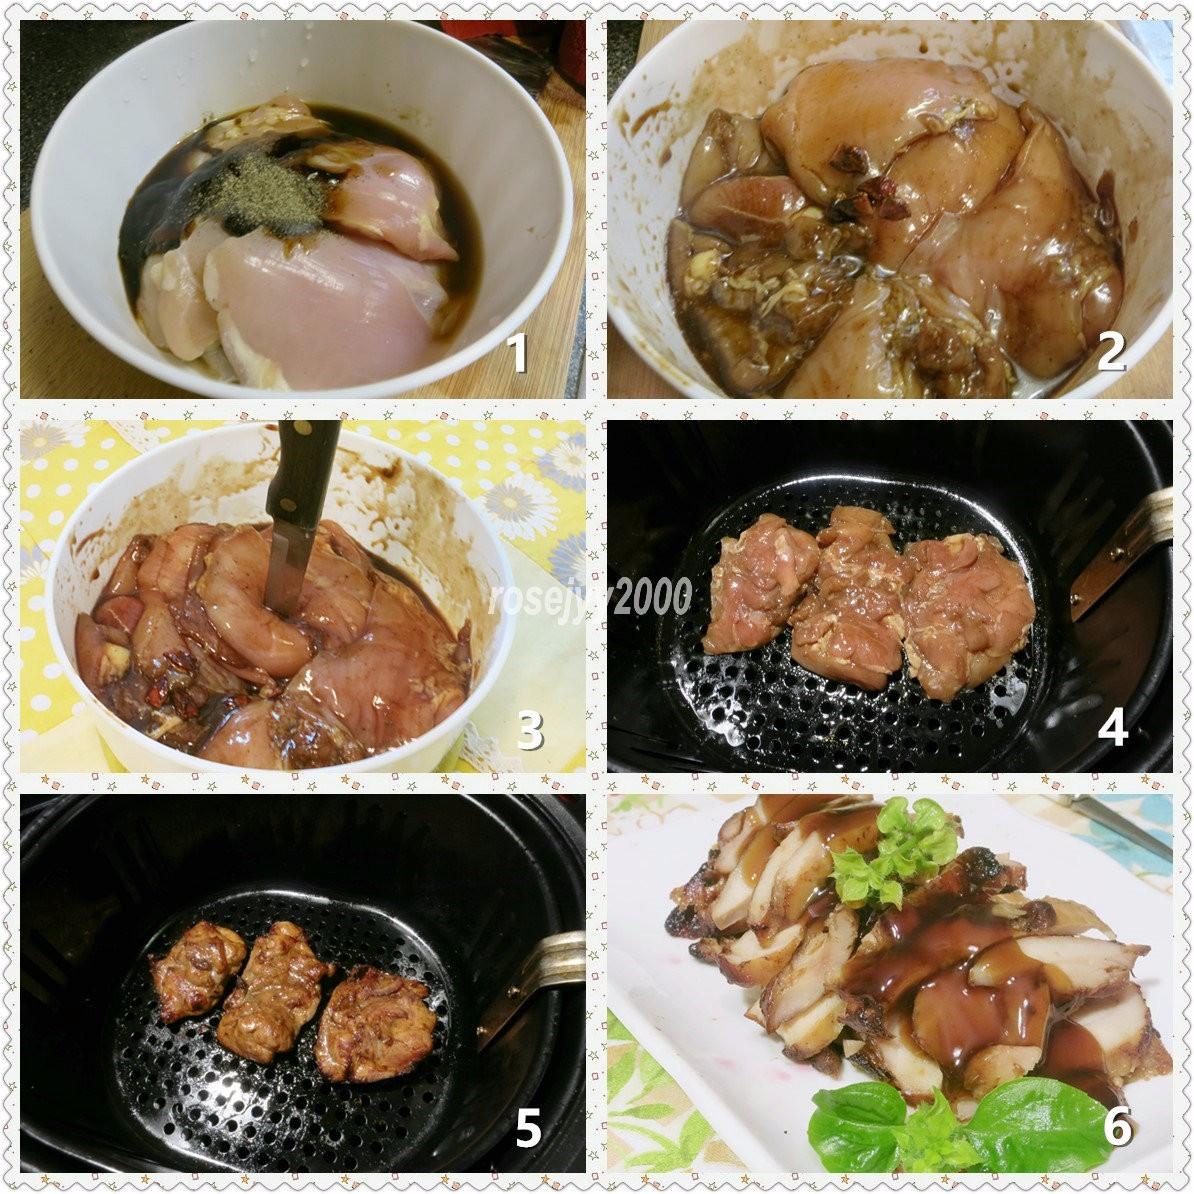 空气锅烤鸡大腿肉_图1-2